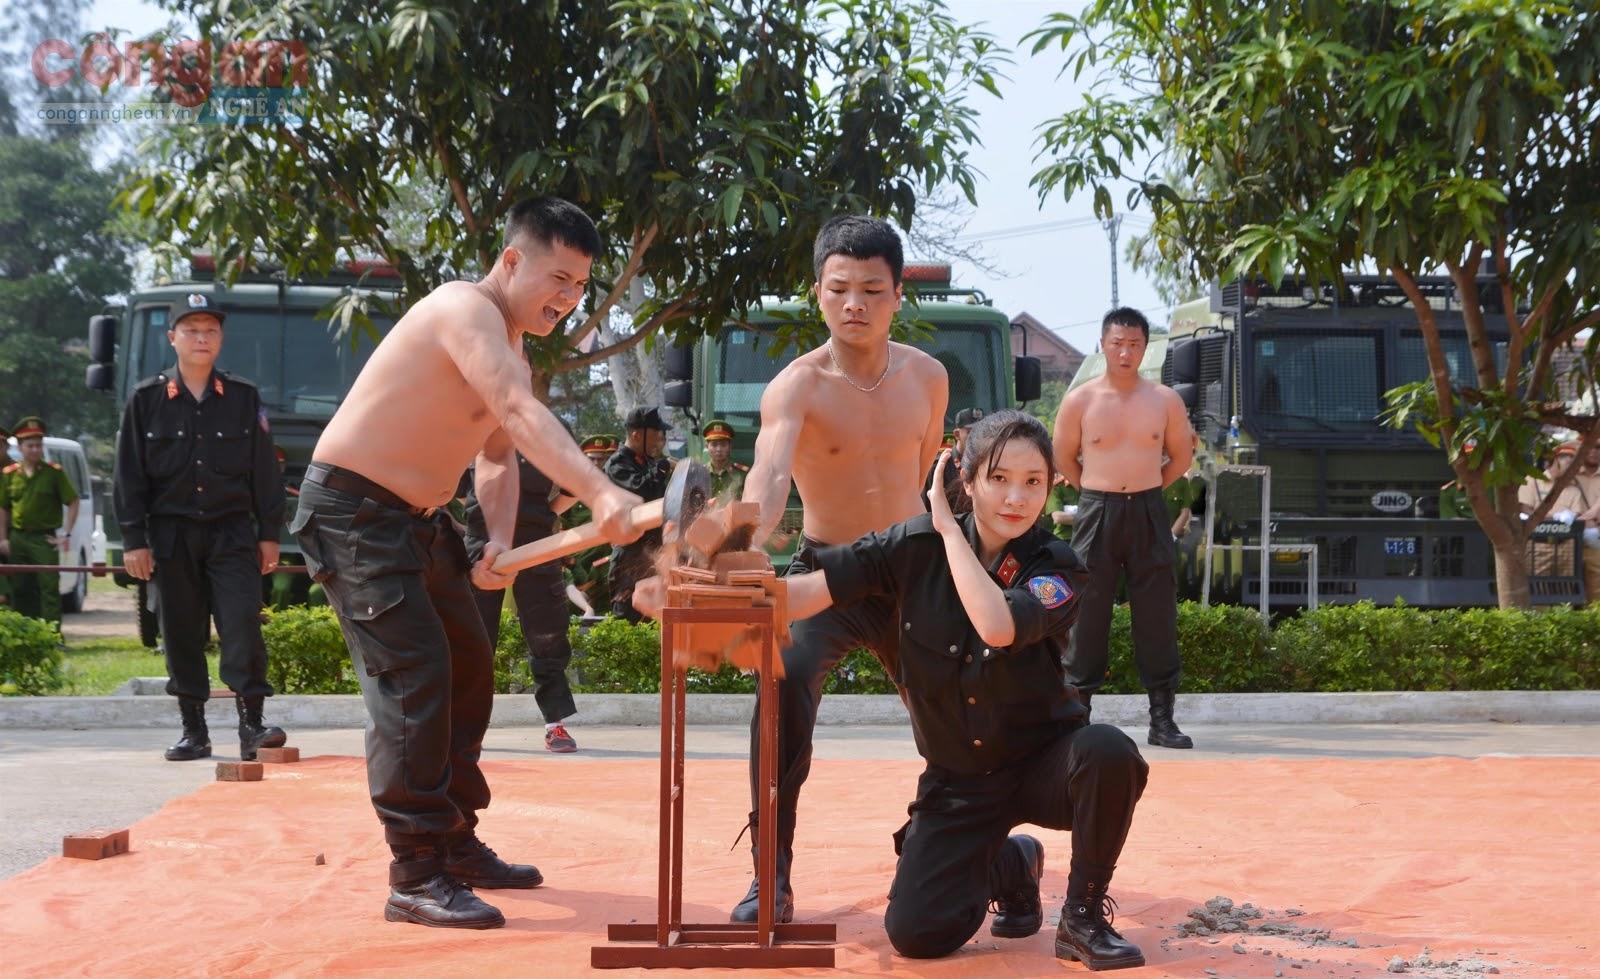 Công an Nghệ An tăng cường công tác huấn luyện quân sự, võ thuật  xây dựng lực lượng ngày càng tinh nhuệ, hiện đại